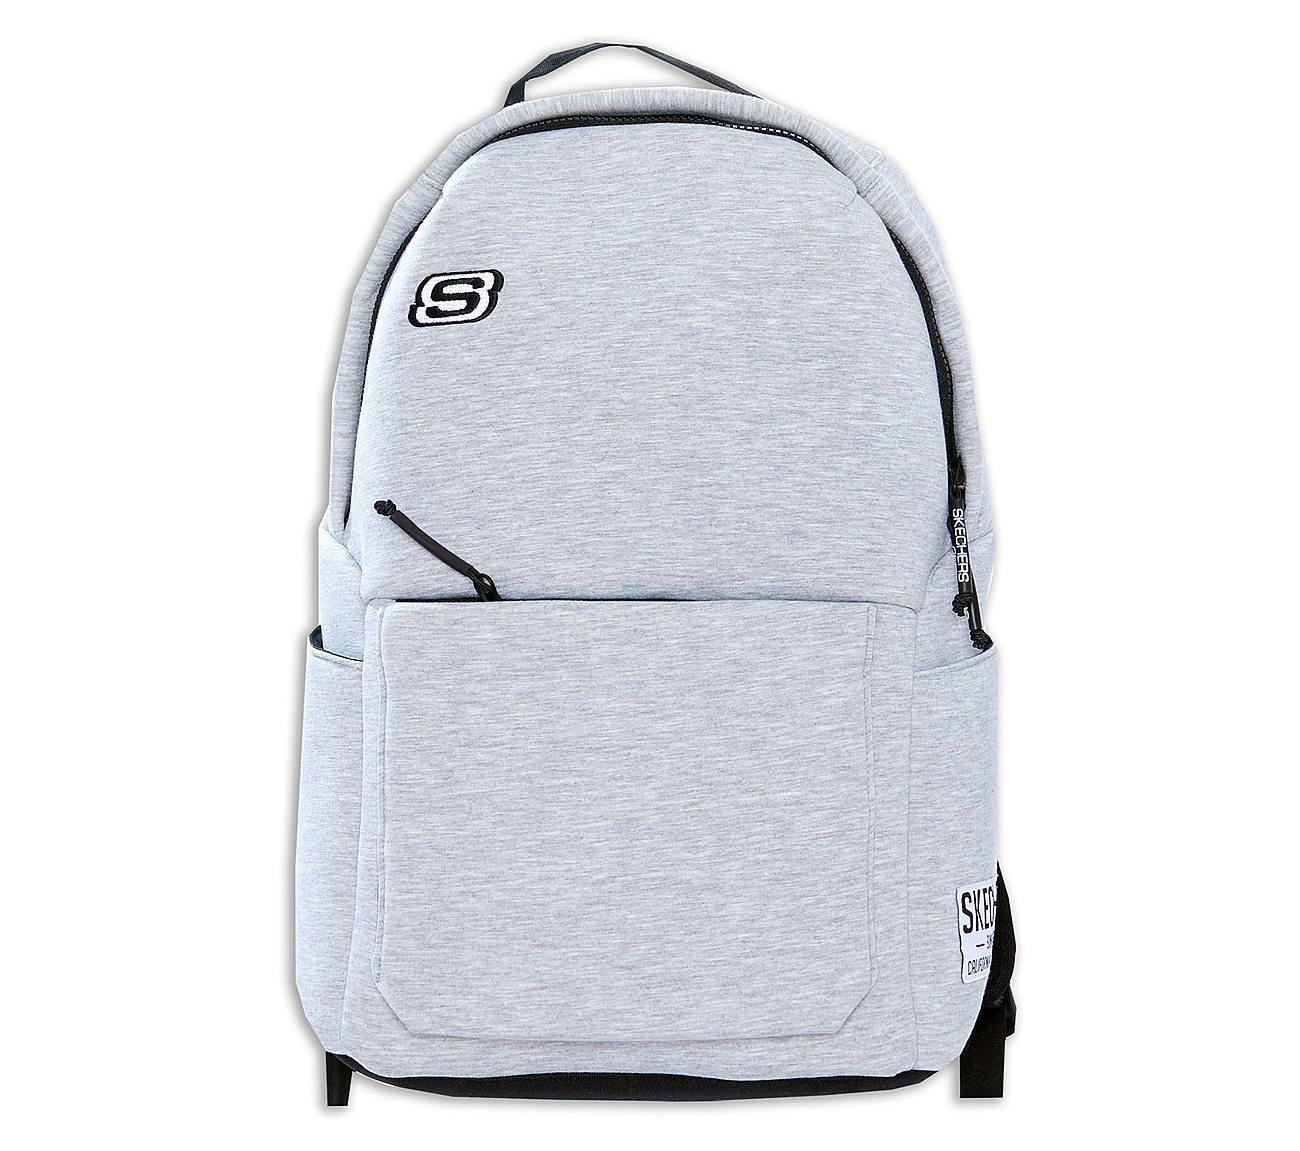 Acquista 2 FUORI QUALSIASI CASO skechers laptop bags E